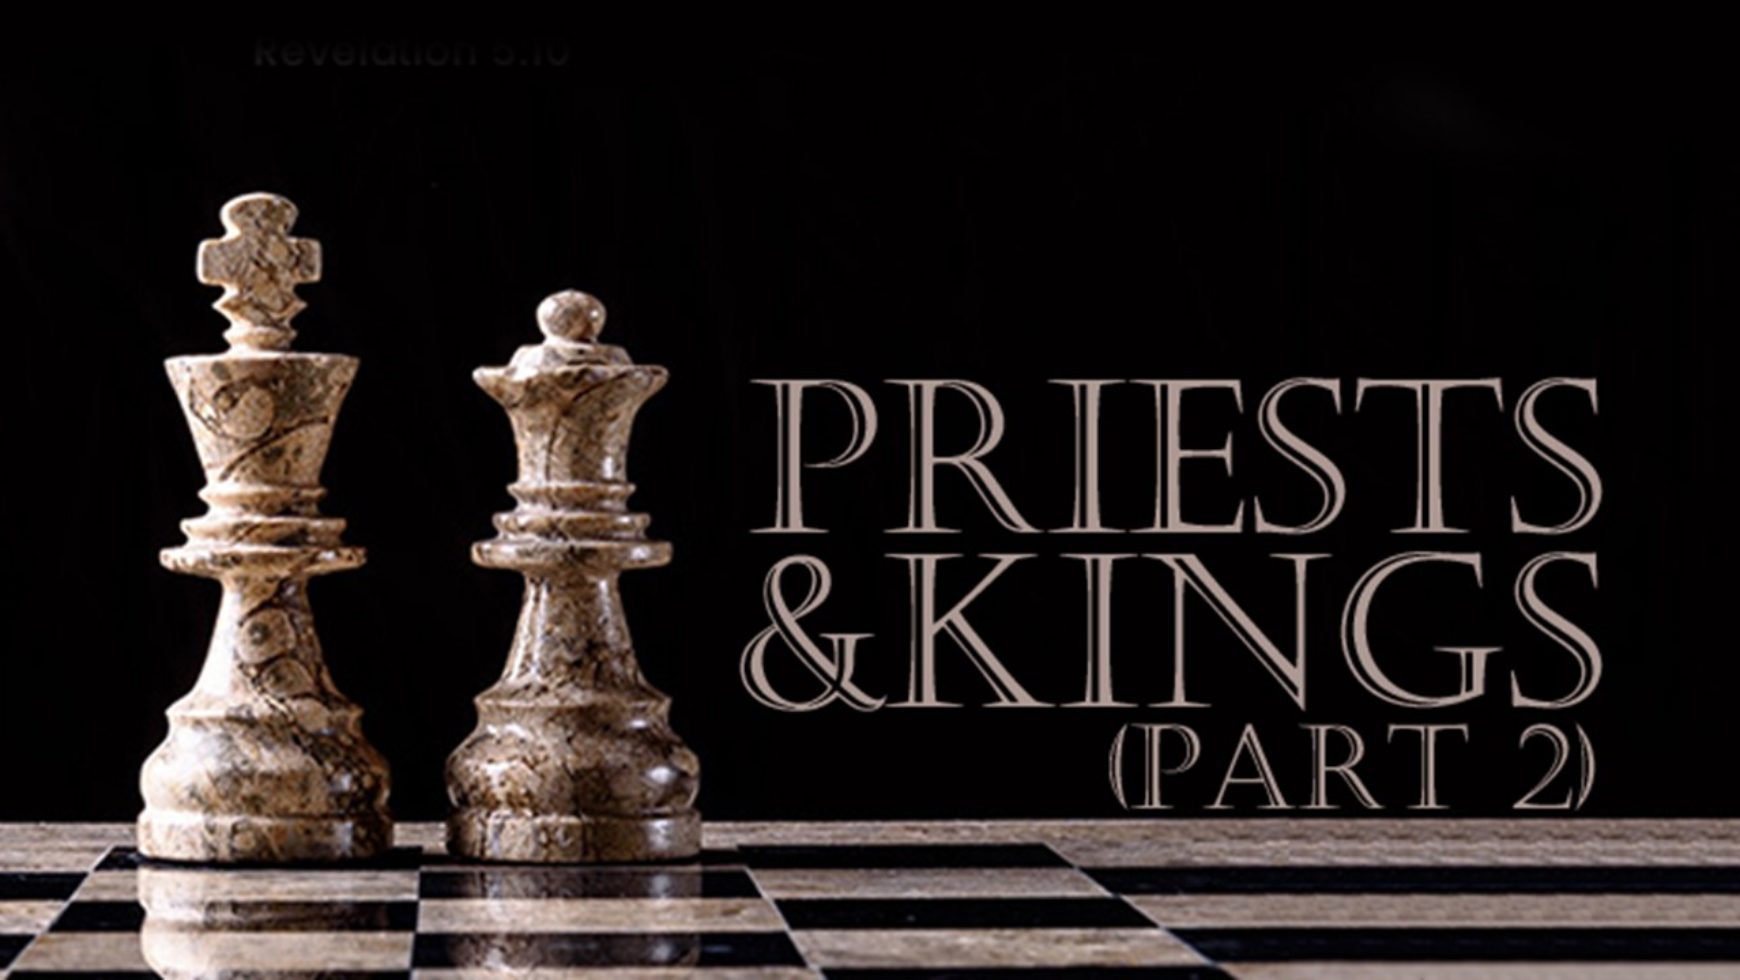 Priests & Kings (Part 2)